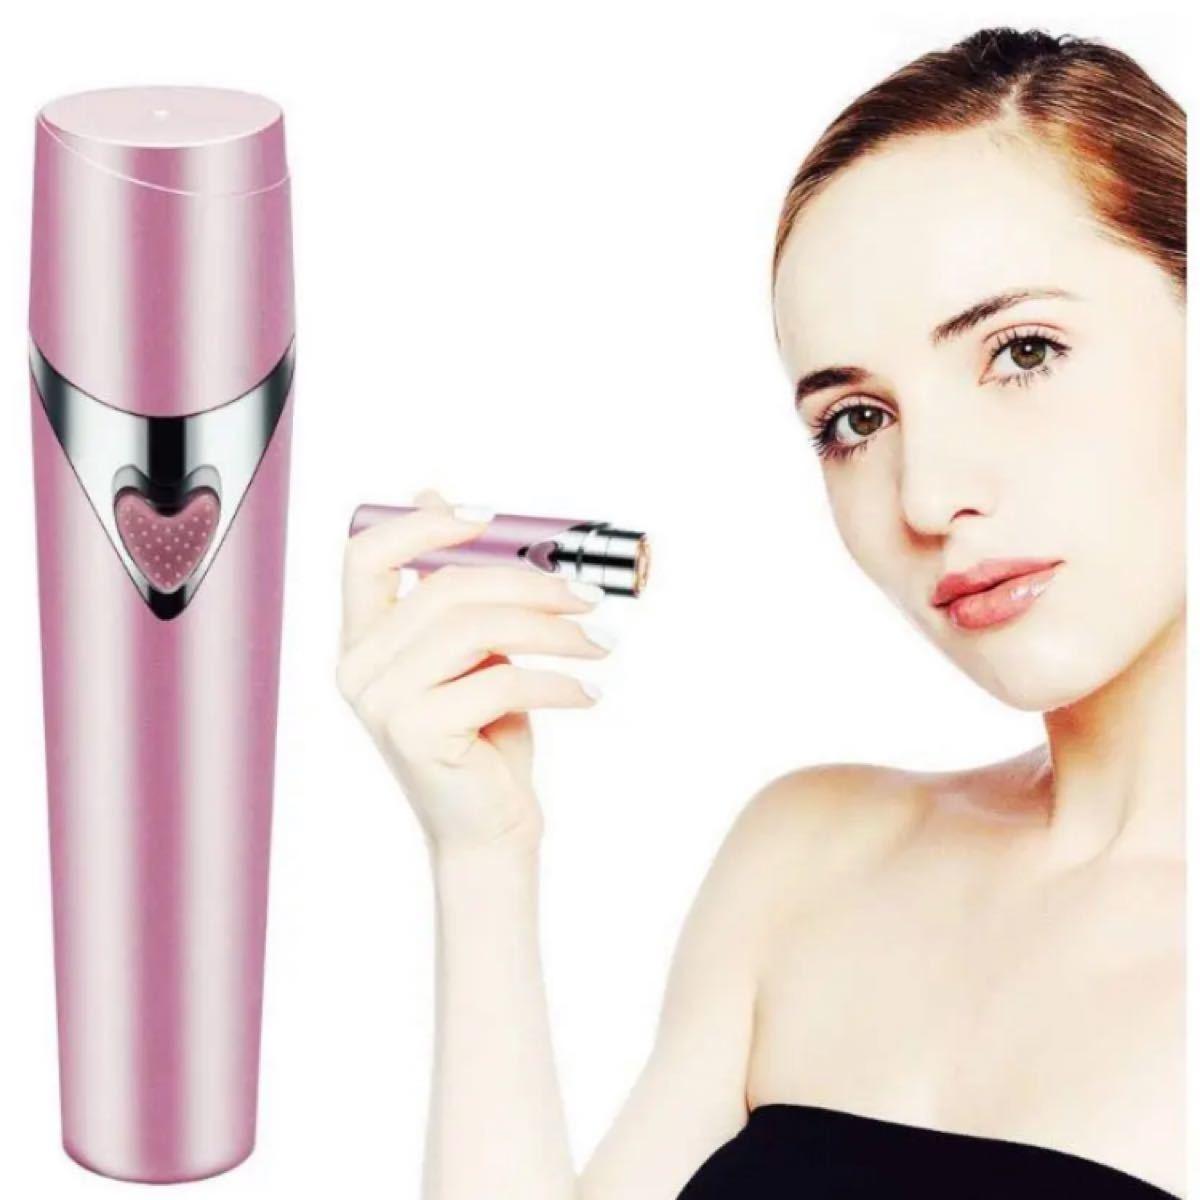 シェーバーレディース 女性用 電気シェーバー 電池式ボディー 顔 フェイス 産毛 電動シェーバー 女性